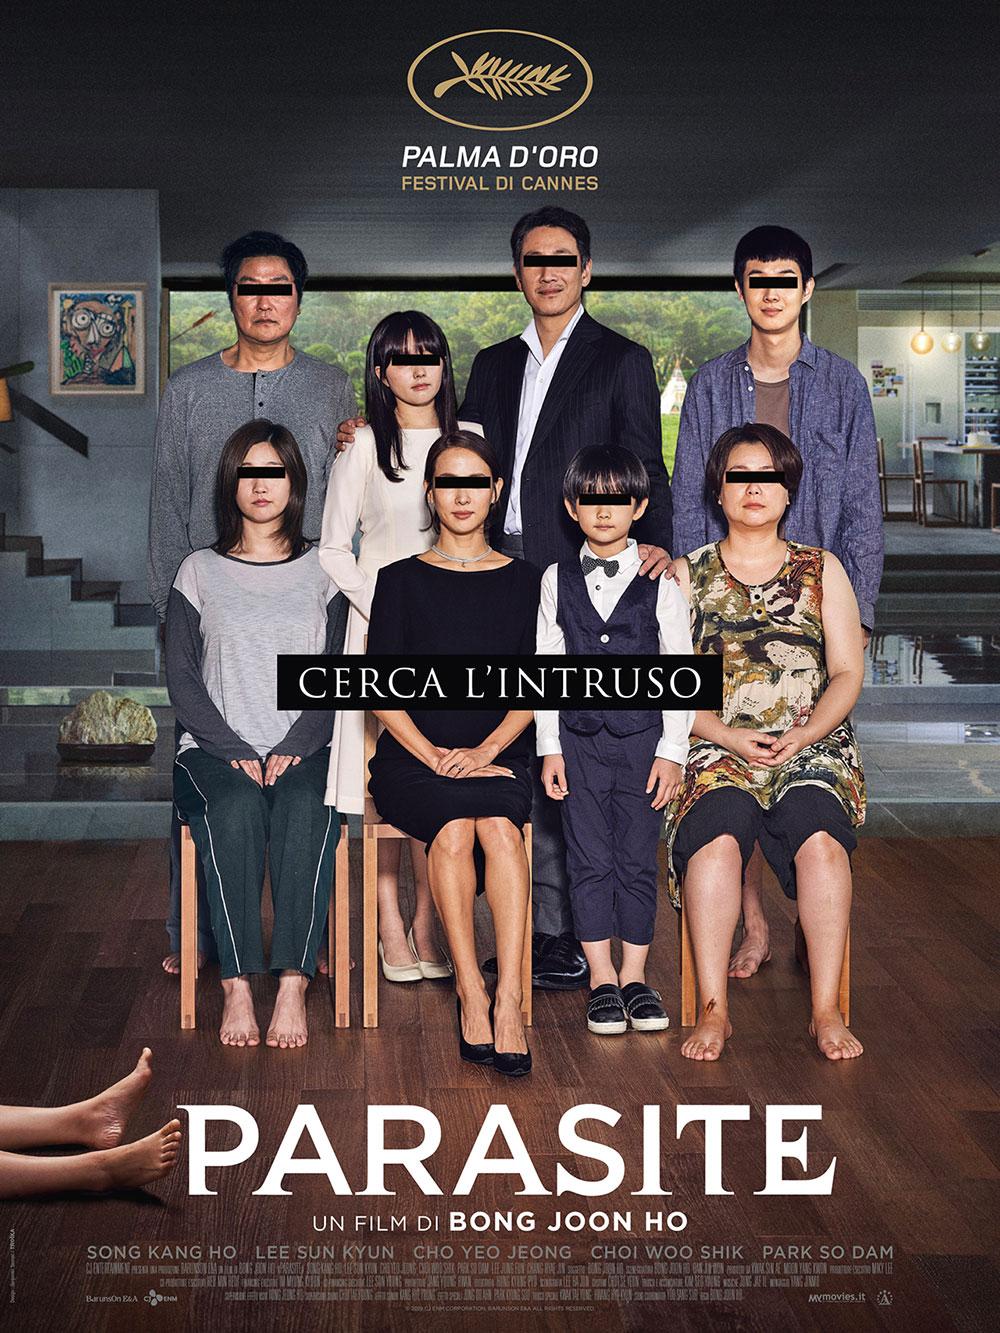 Le divisioni sociali di Parasite